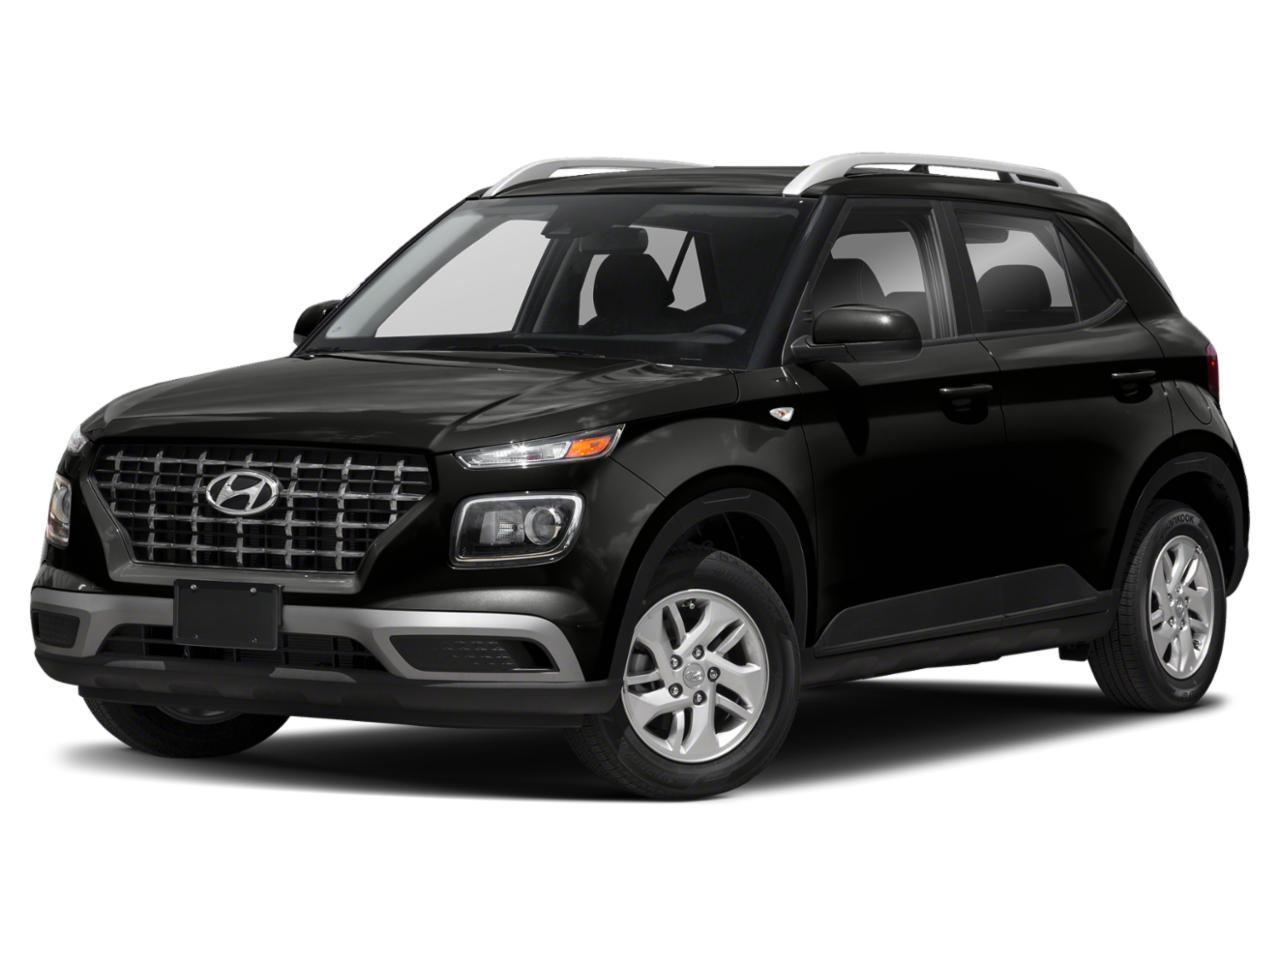 2021 Hyundai Venue Vehicle Photo in Peoria, IL 61615